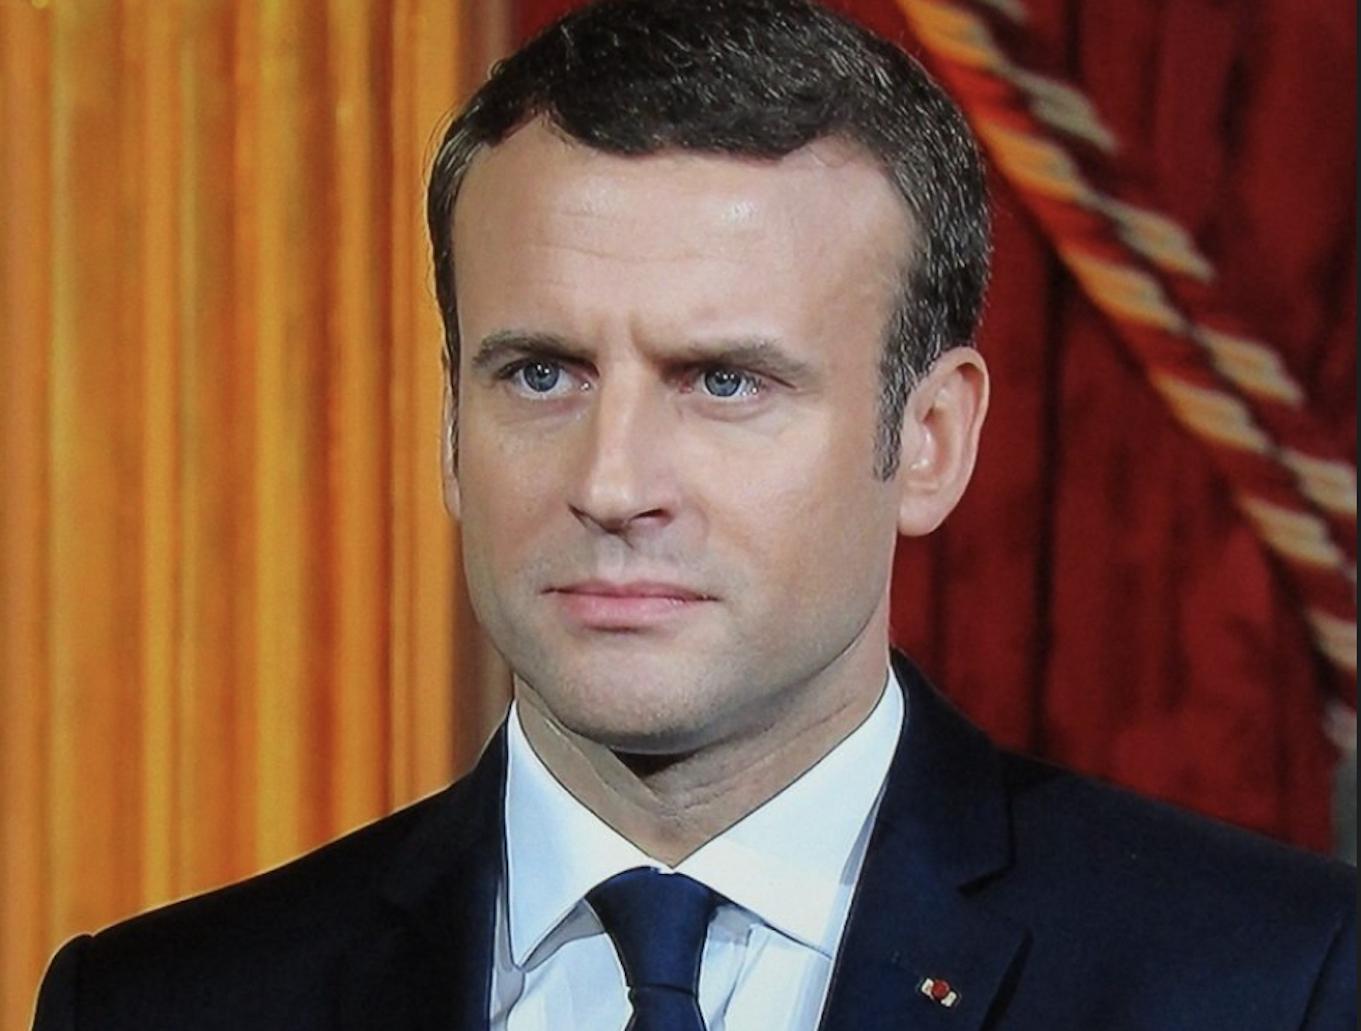 """""""Rien ne nous fera reculer"""" : La déclaration d'Emmanuel Macron face à la colère des pays musulmans"""